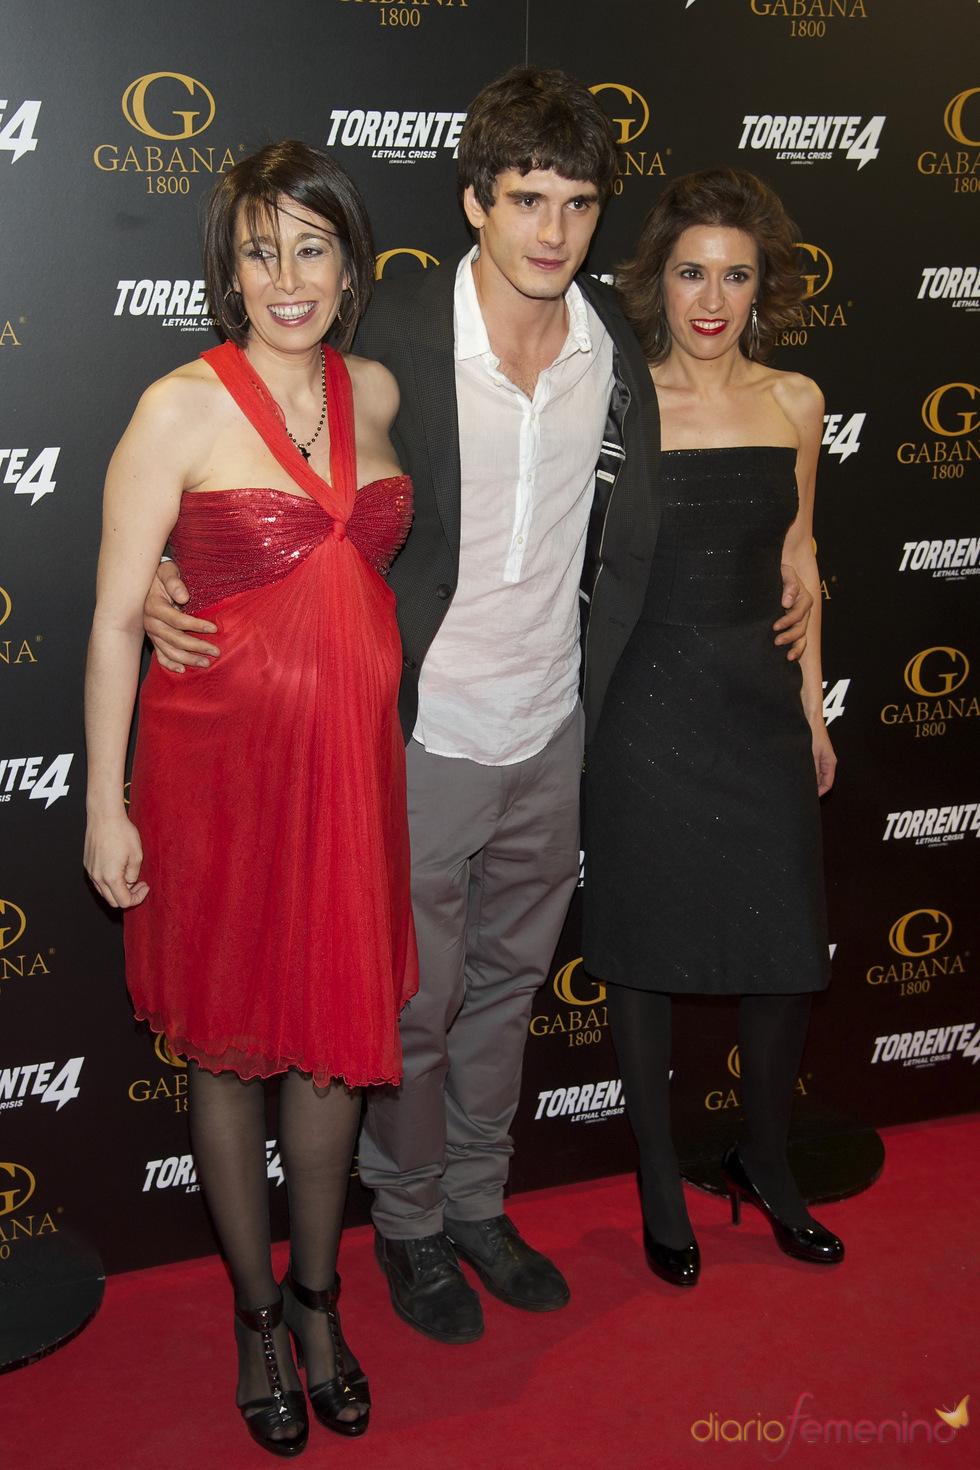 Yon González en el estreno de 'Torrente 4: lethal crisis'